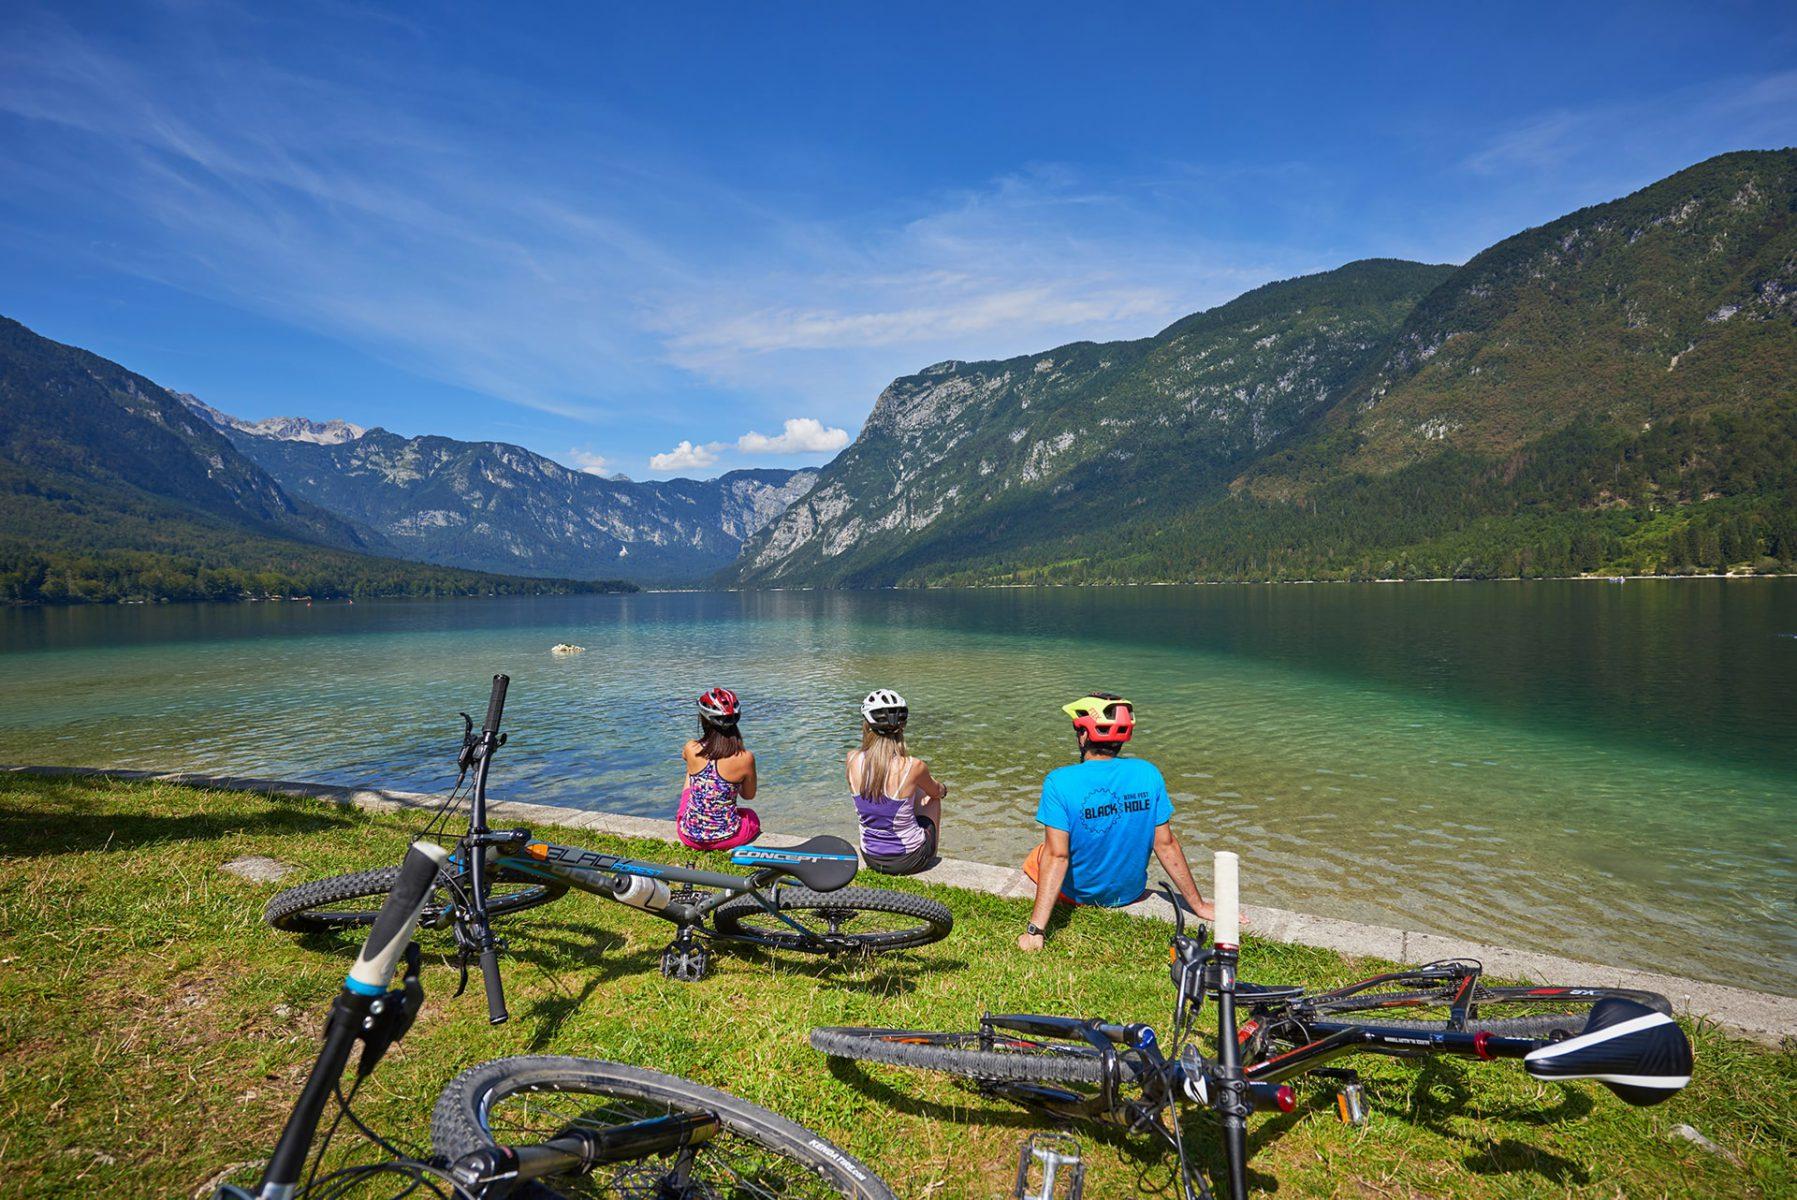 Pyöräilijöitä istuskelemassa Bohinj-järven rannalla Sloveniassa.